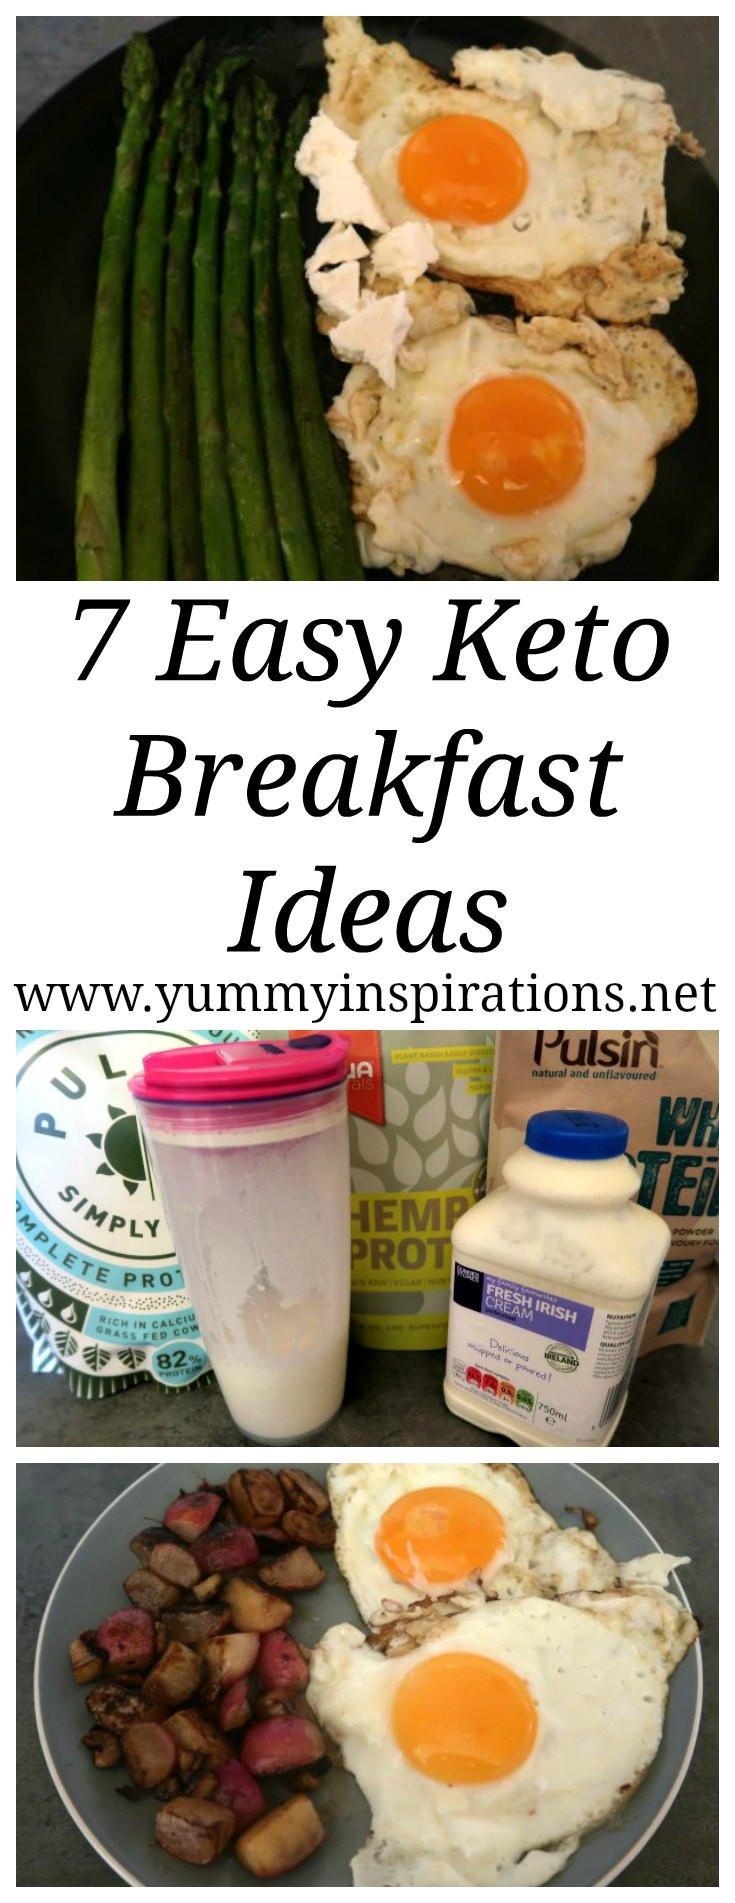 Ketosis Diet Breakfast  7 Easy Keto Breakfast Ideas Low Carb & Ketogenic Diet